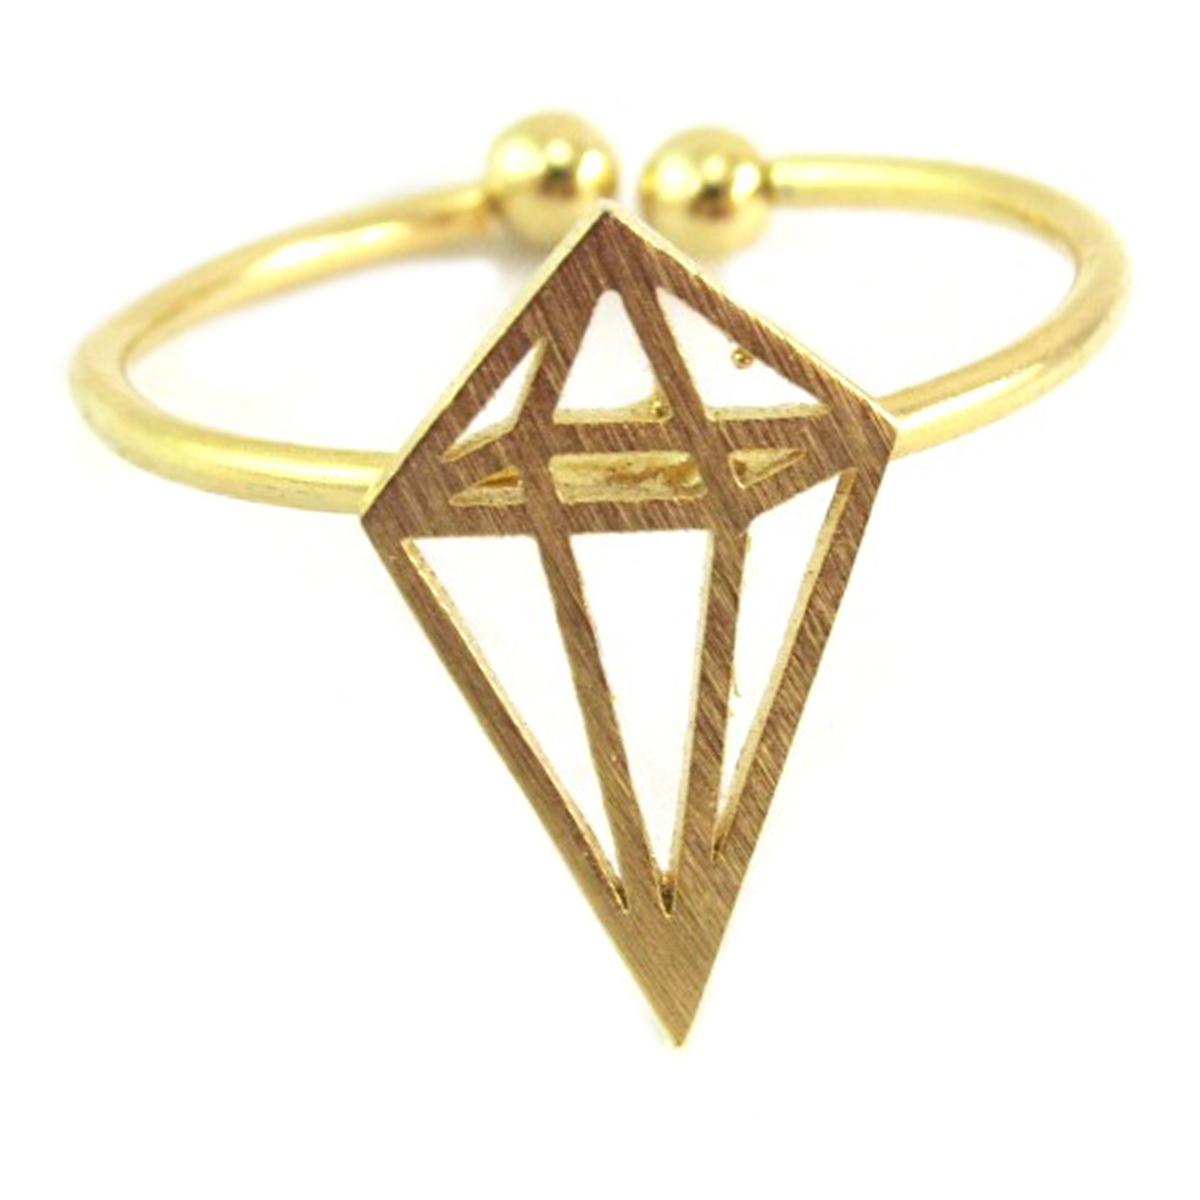 Bague artisanale \'Origami\' doré (diamant) - 14x8 mm - [Q6217]